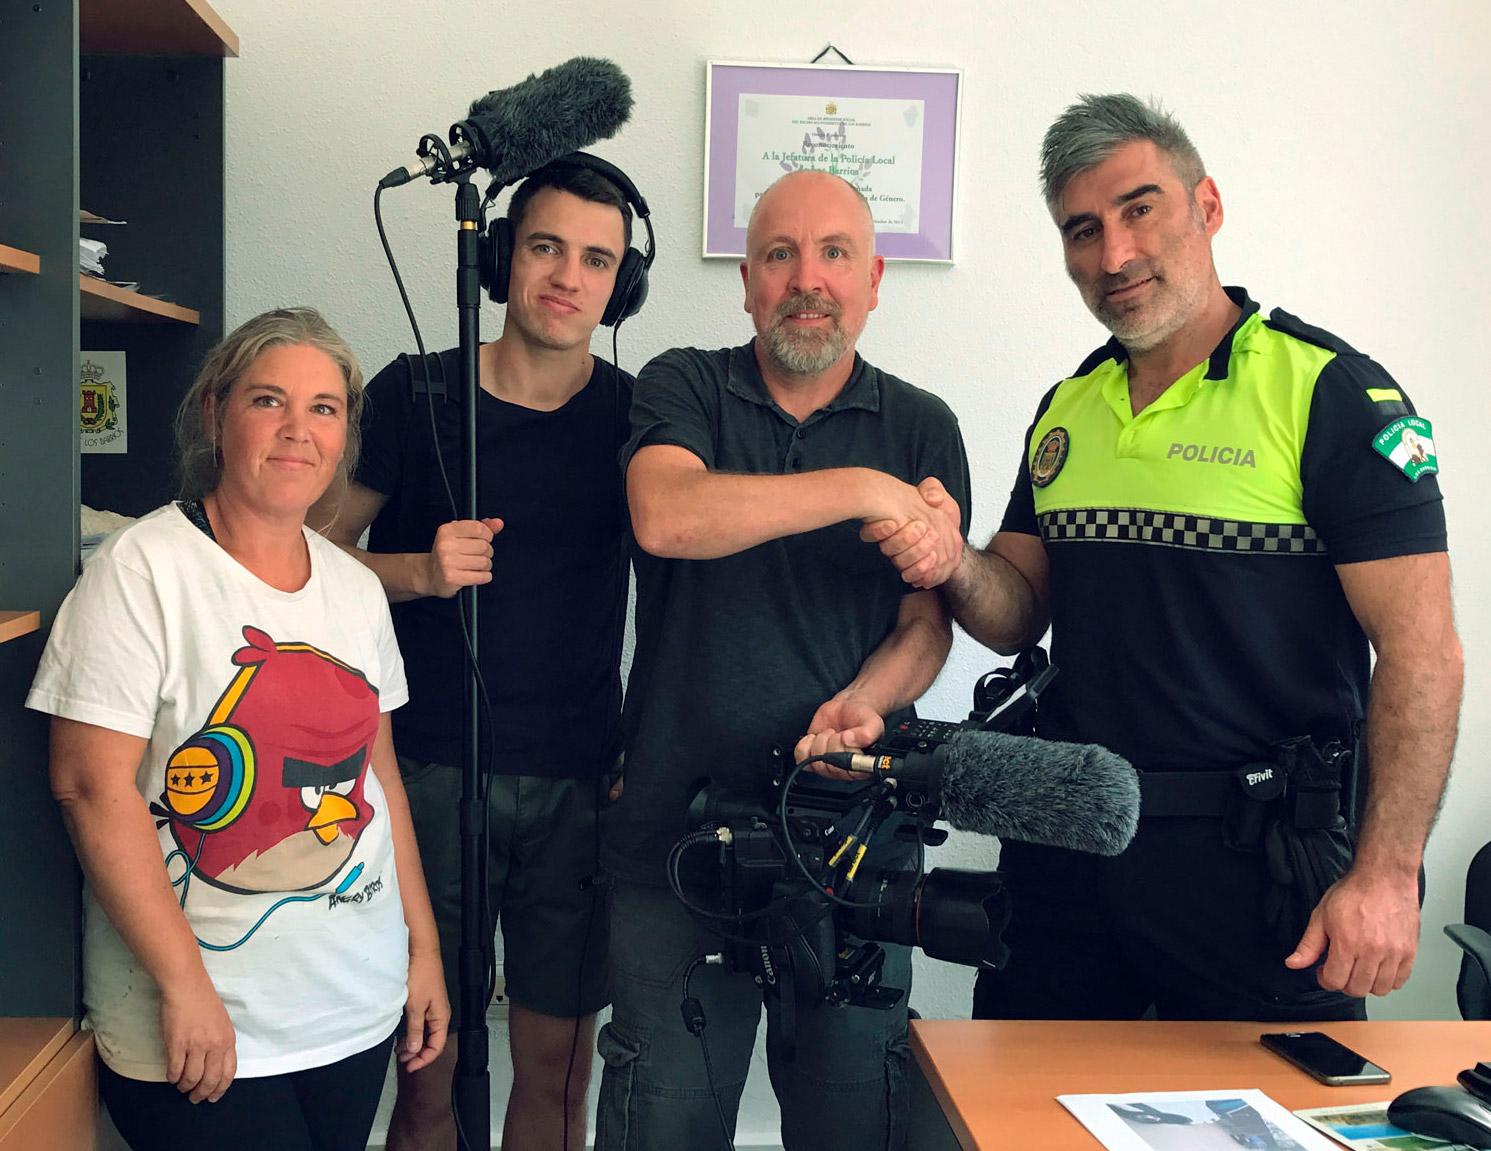 SHOOTING-THE-POLICEMAN-2.jpg